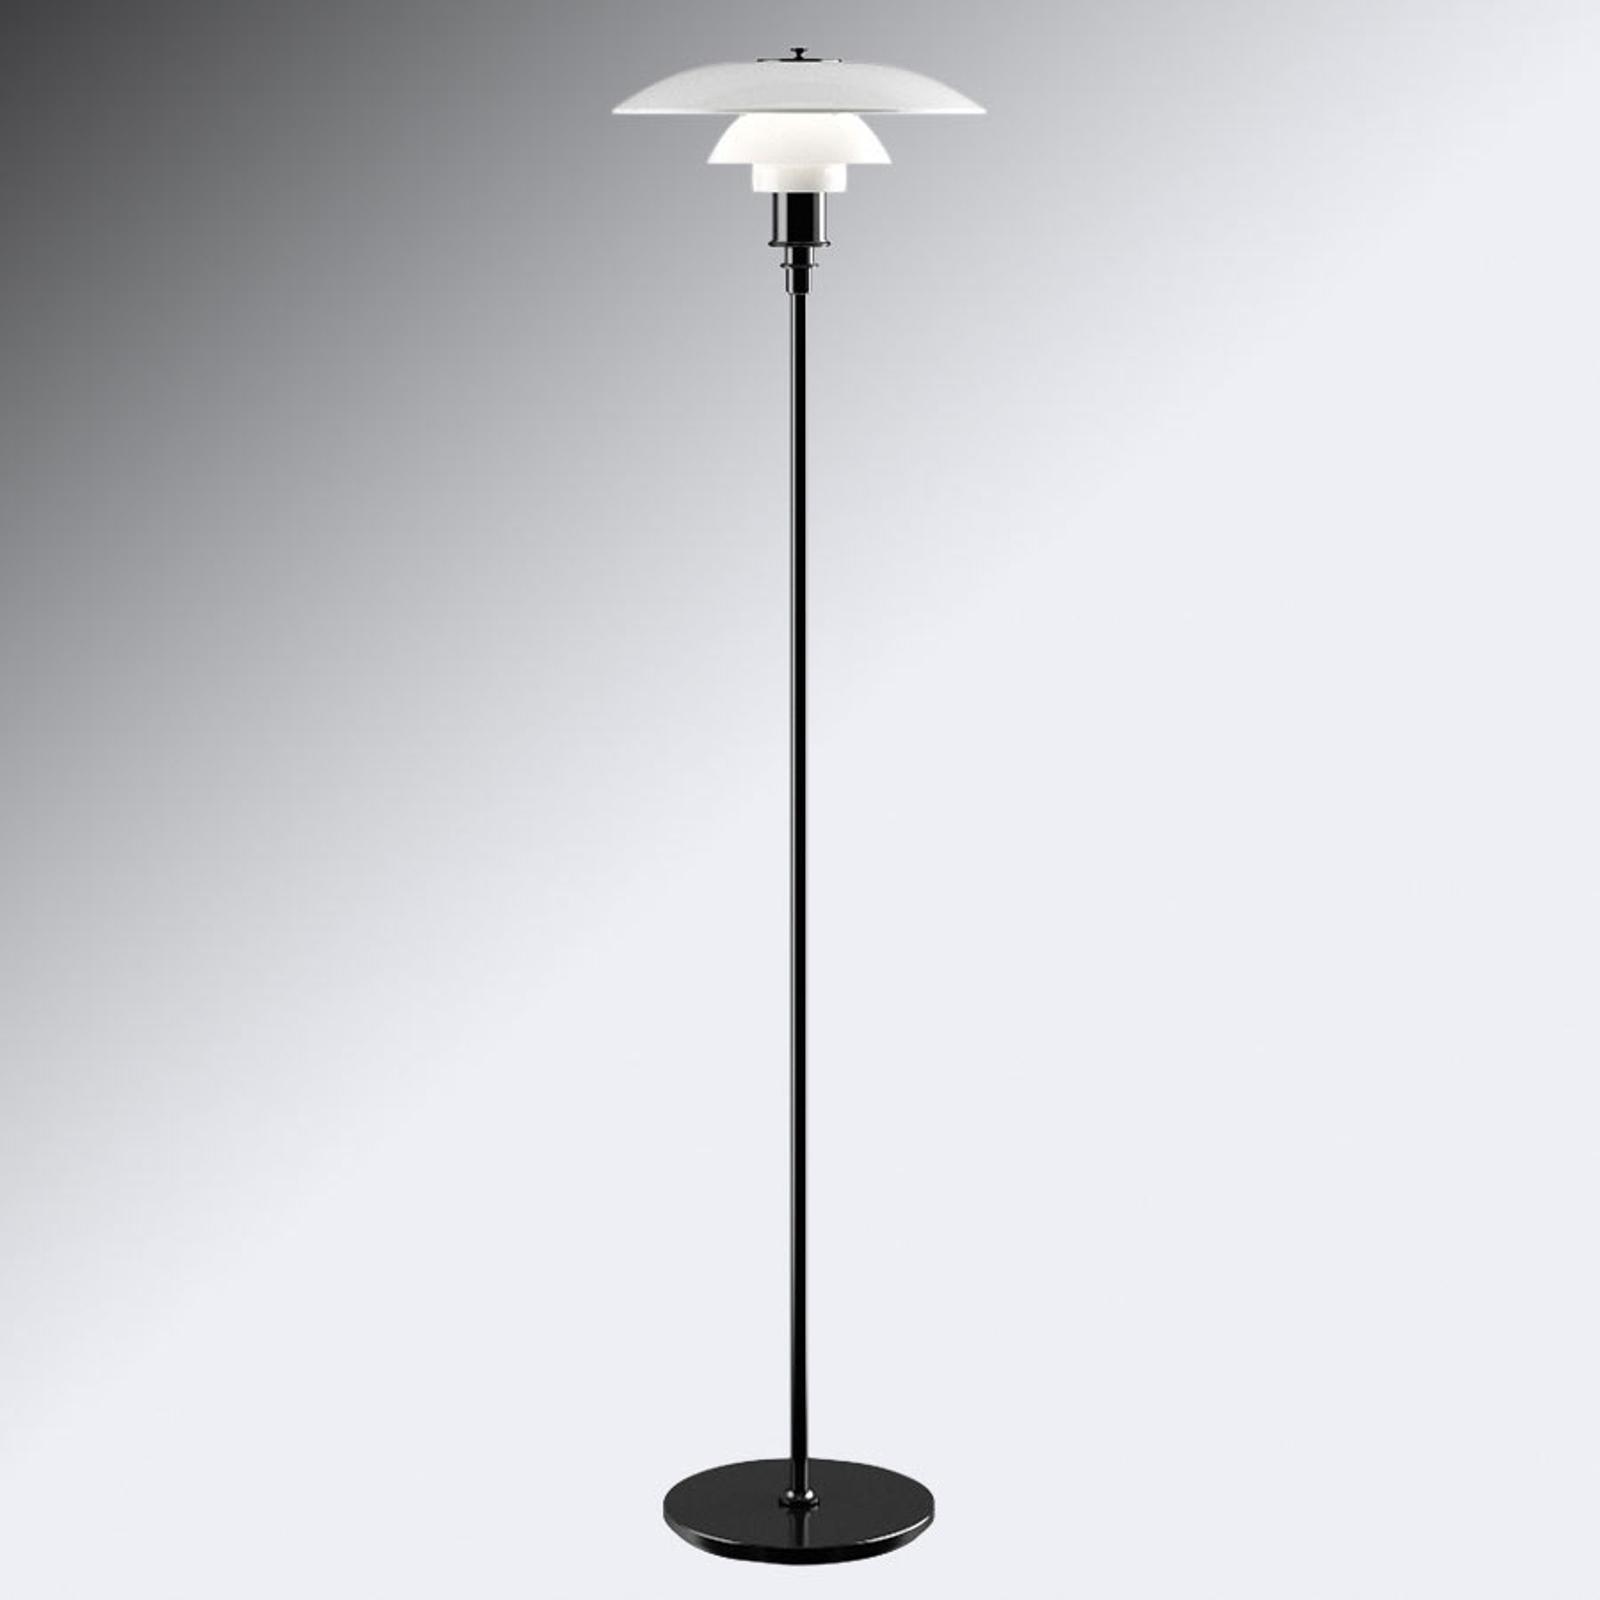 Louis Poulsen PH 3 1/2-2 1/2 standerlampe, sort